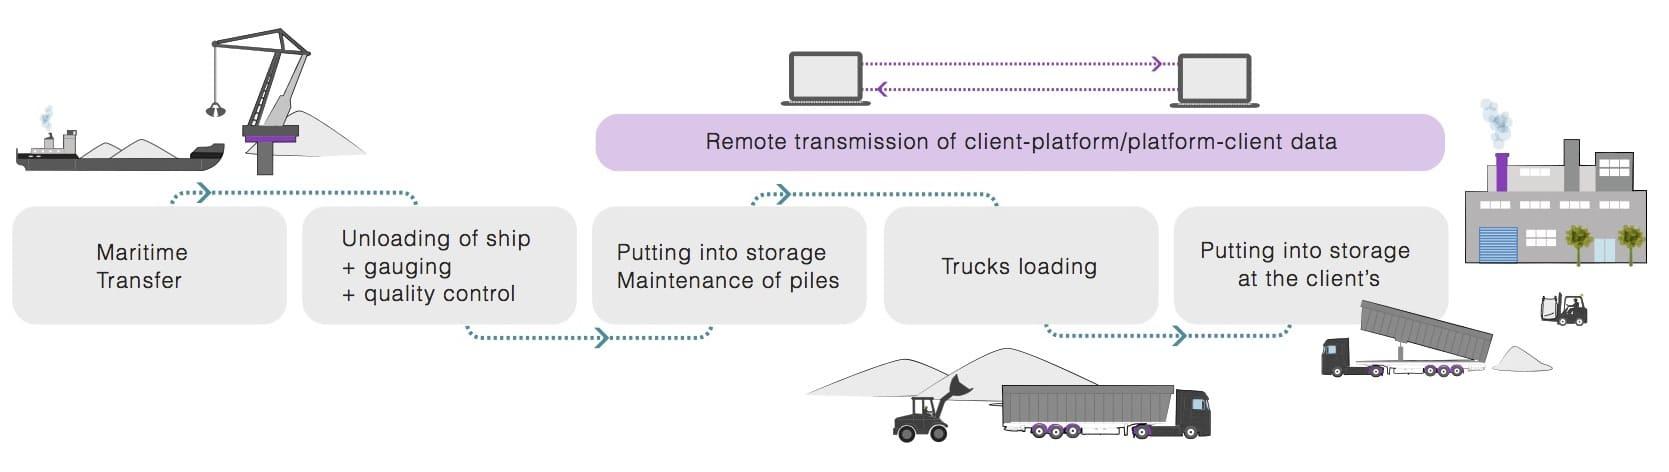 Managing a Distribution Platform - Achievements - Logways